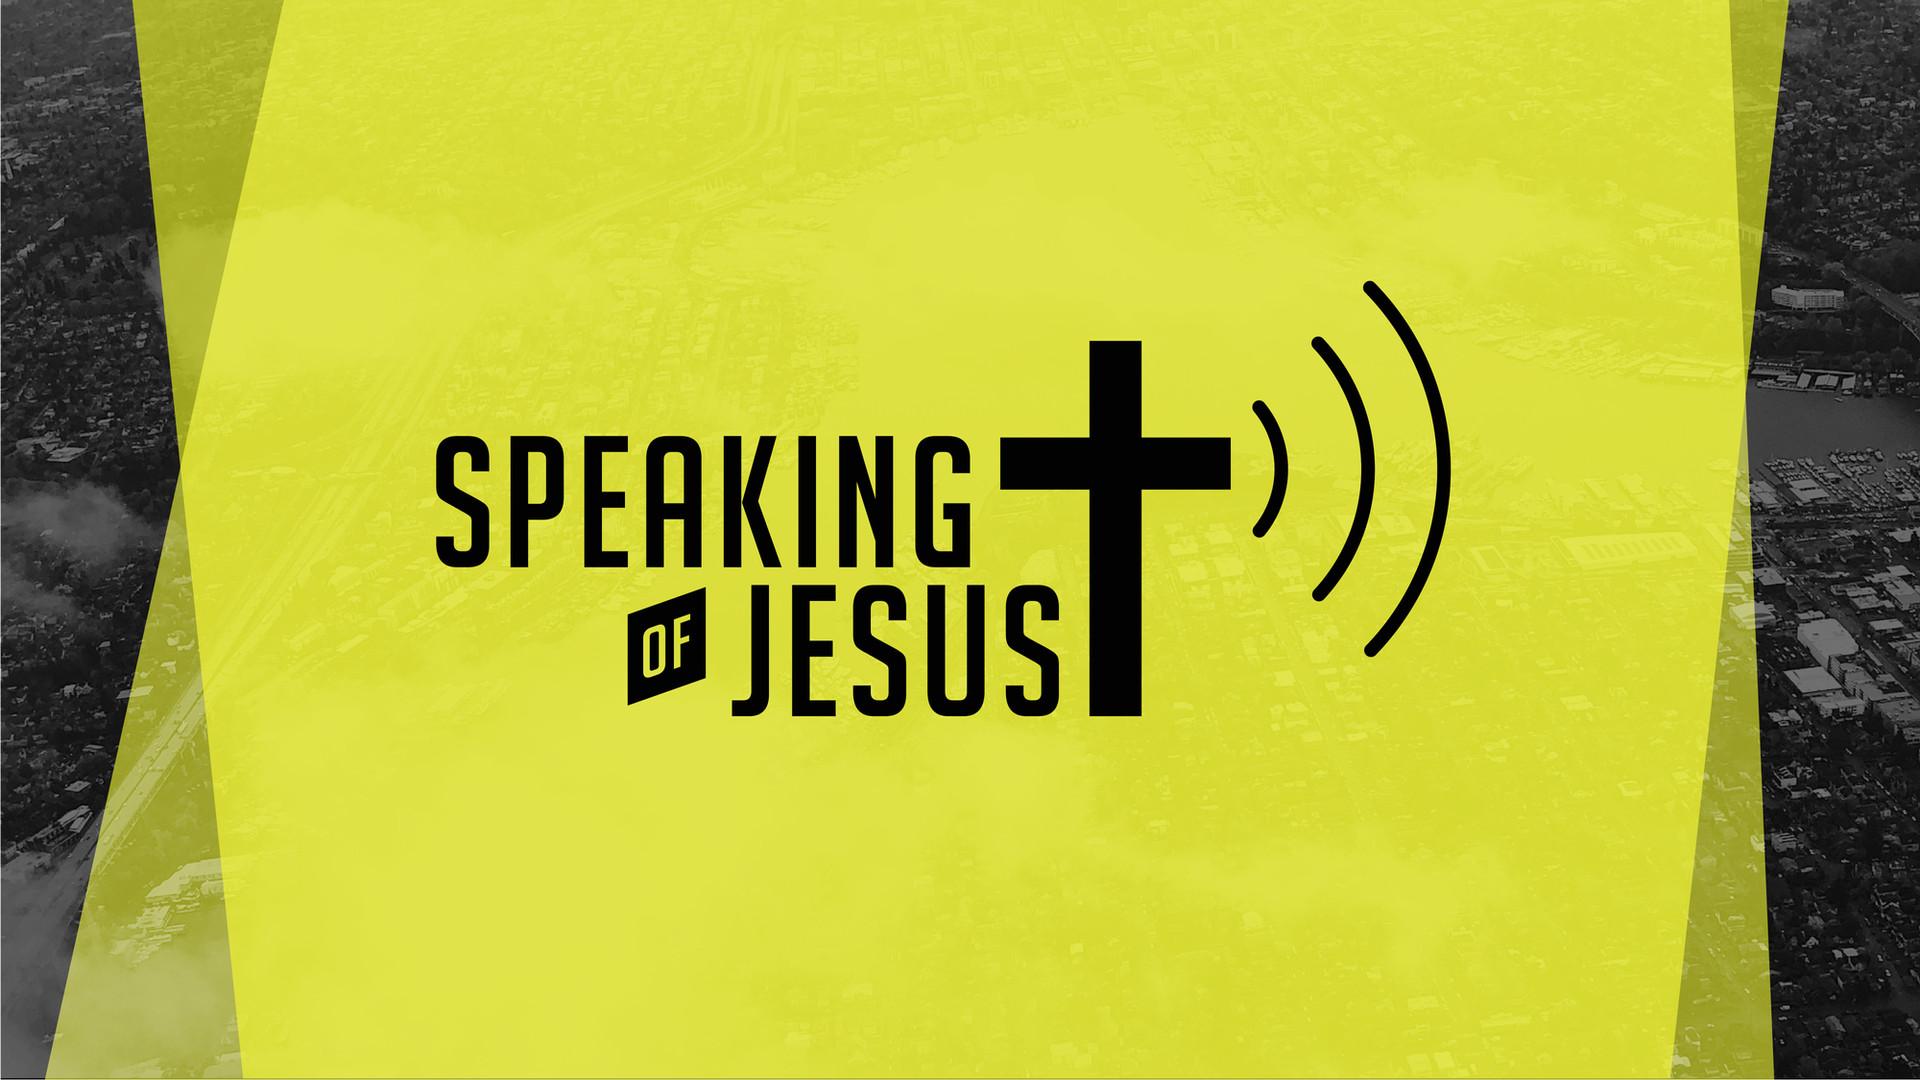 SpeakingJesus_Series-01.jpg